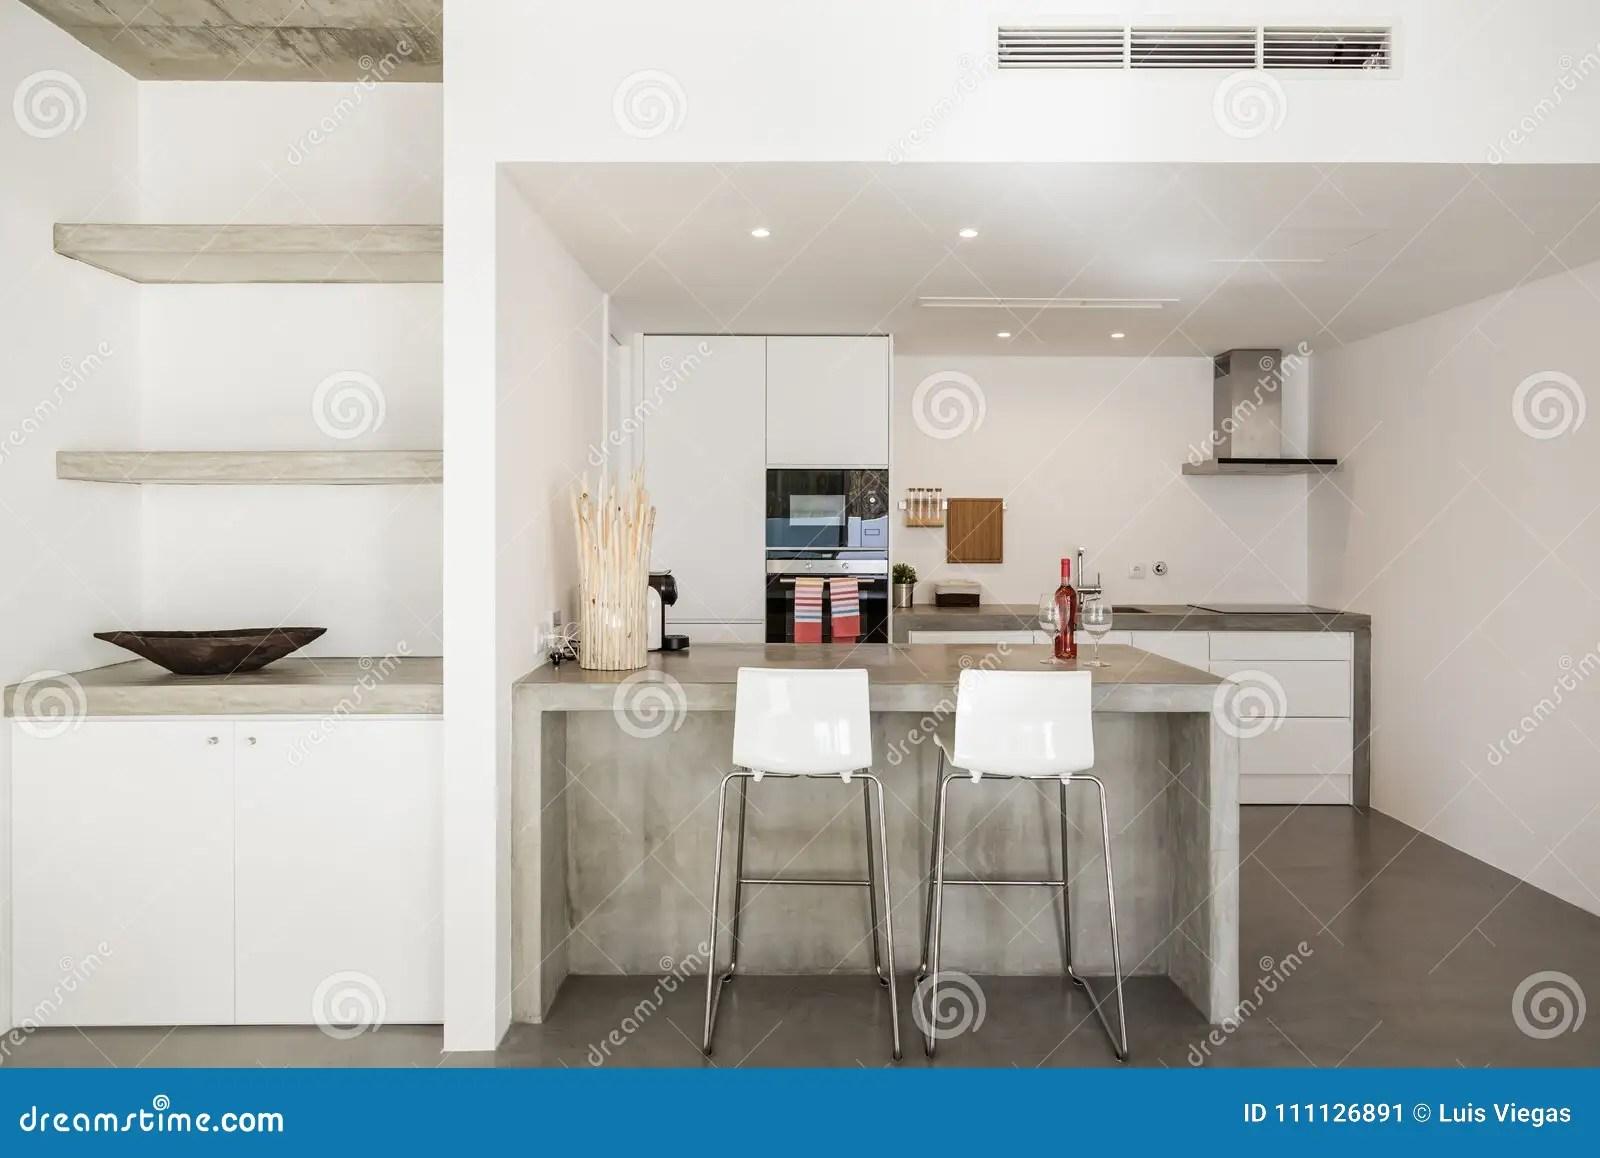 Piastrelle per cucina moderna bianca rivestimenti per cucina